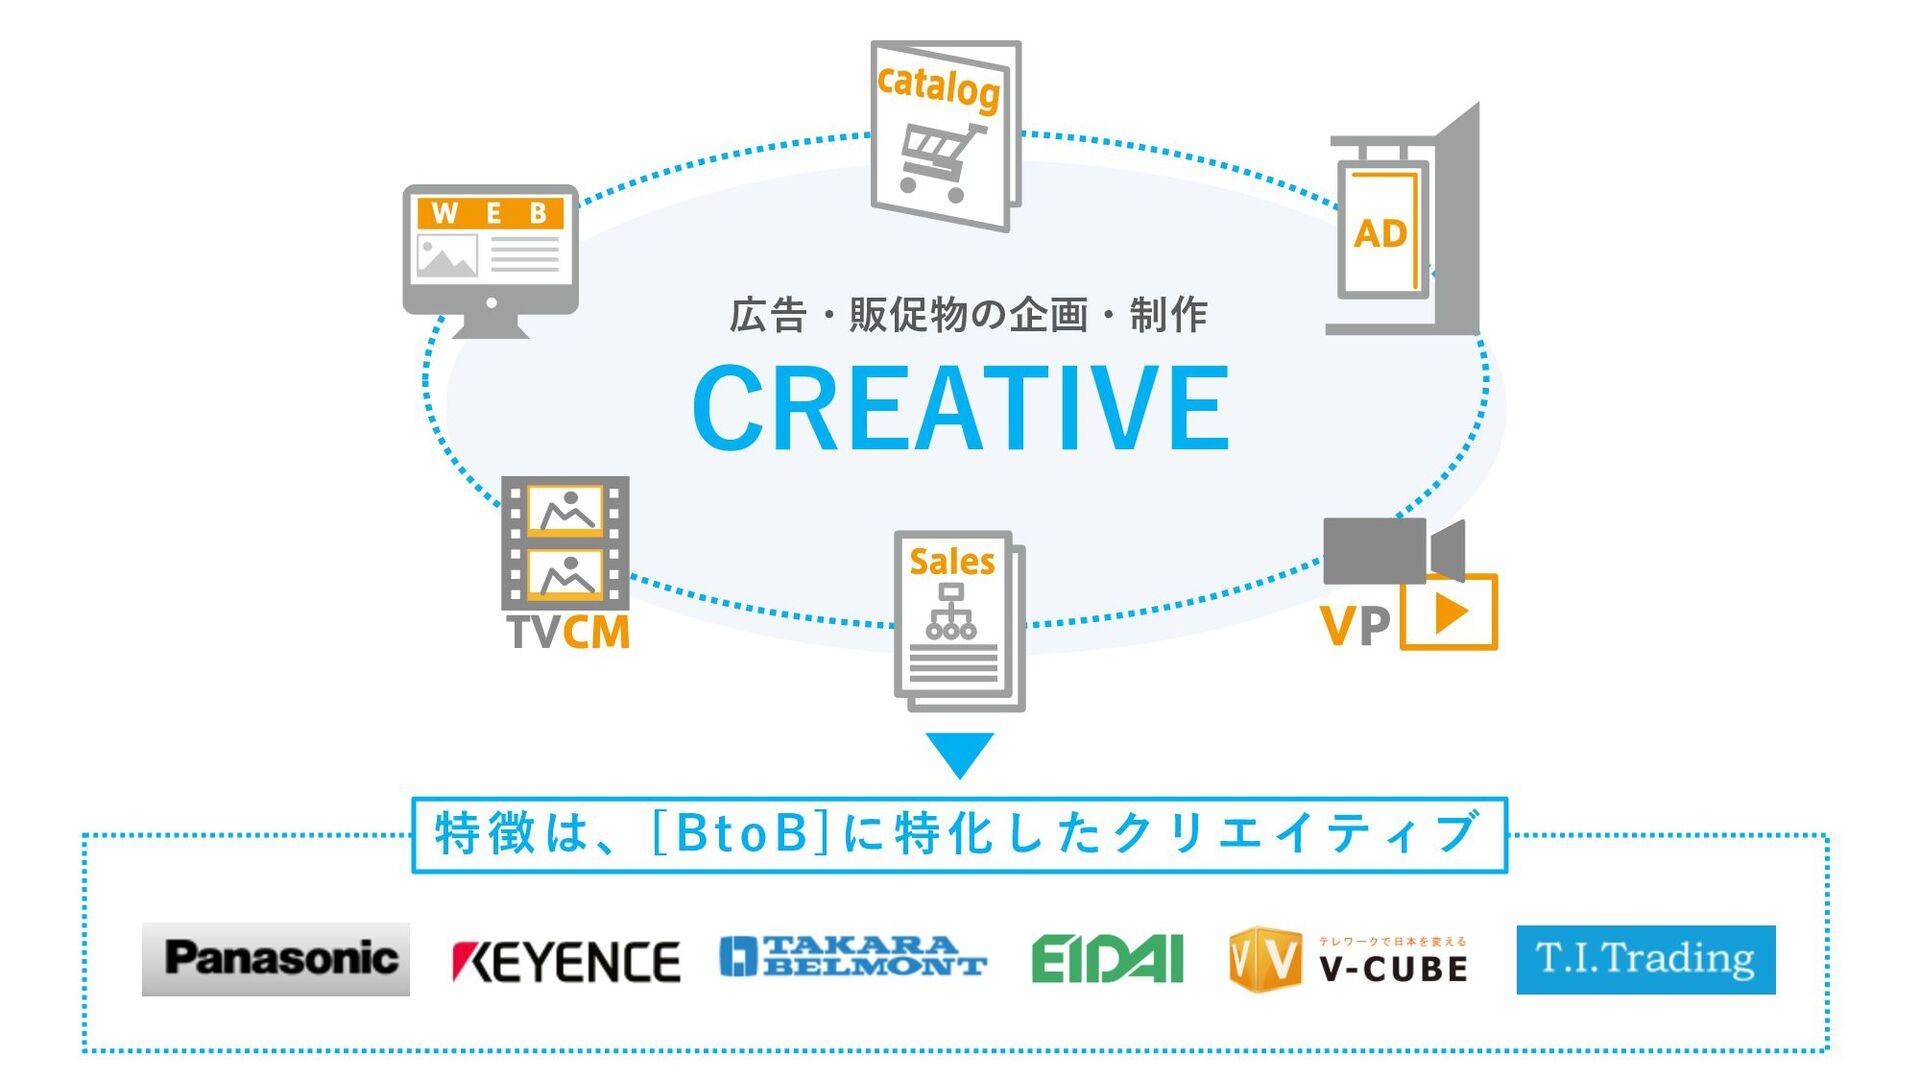 特徴は、[BtoB]に特化したクリエイティブ CREATIVE 広告・販促物の企画・制作